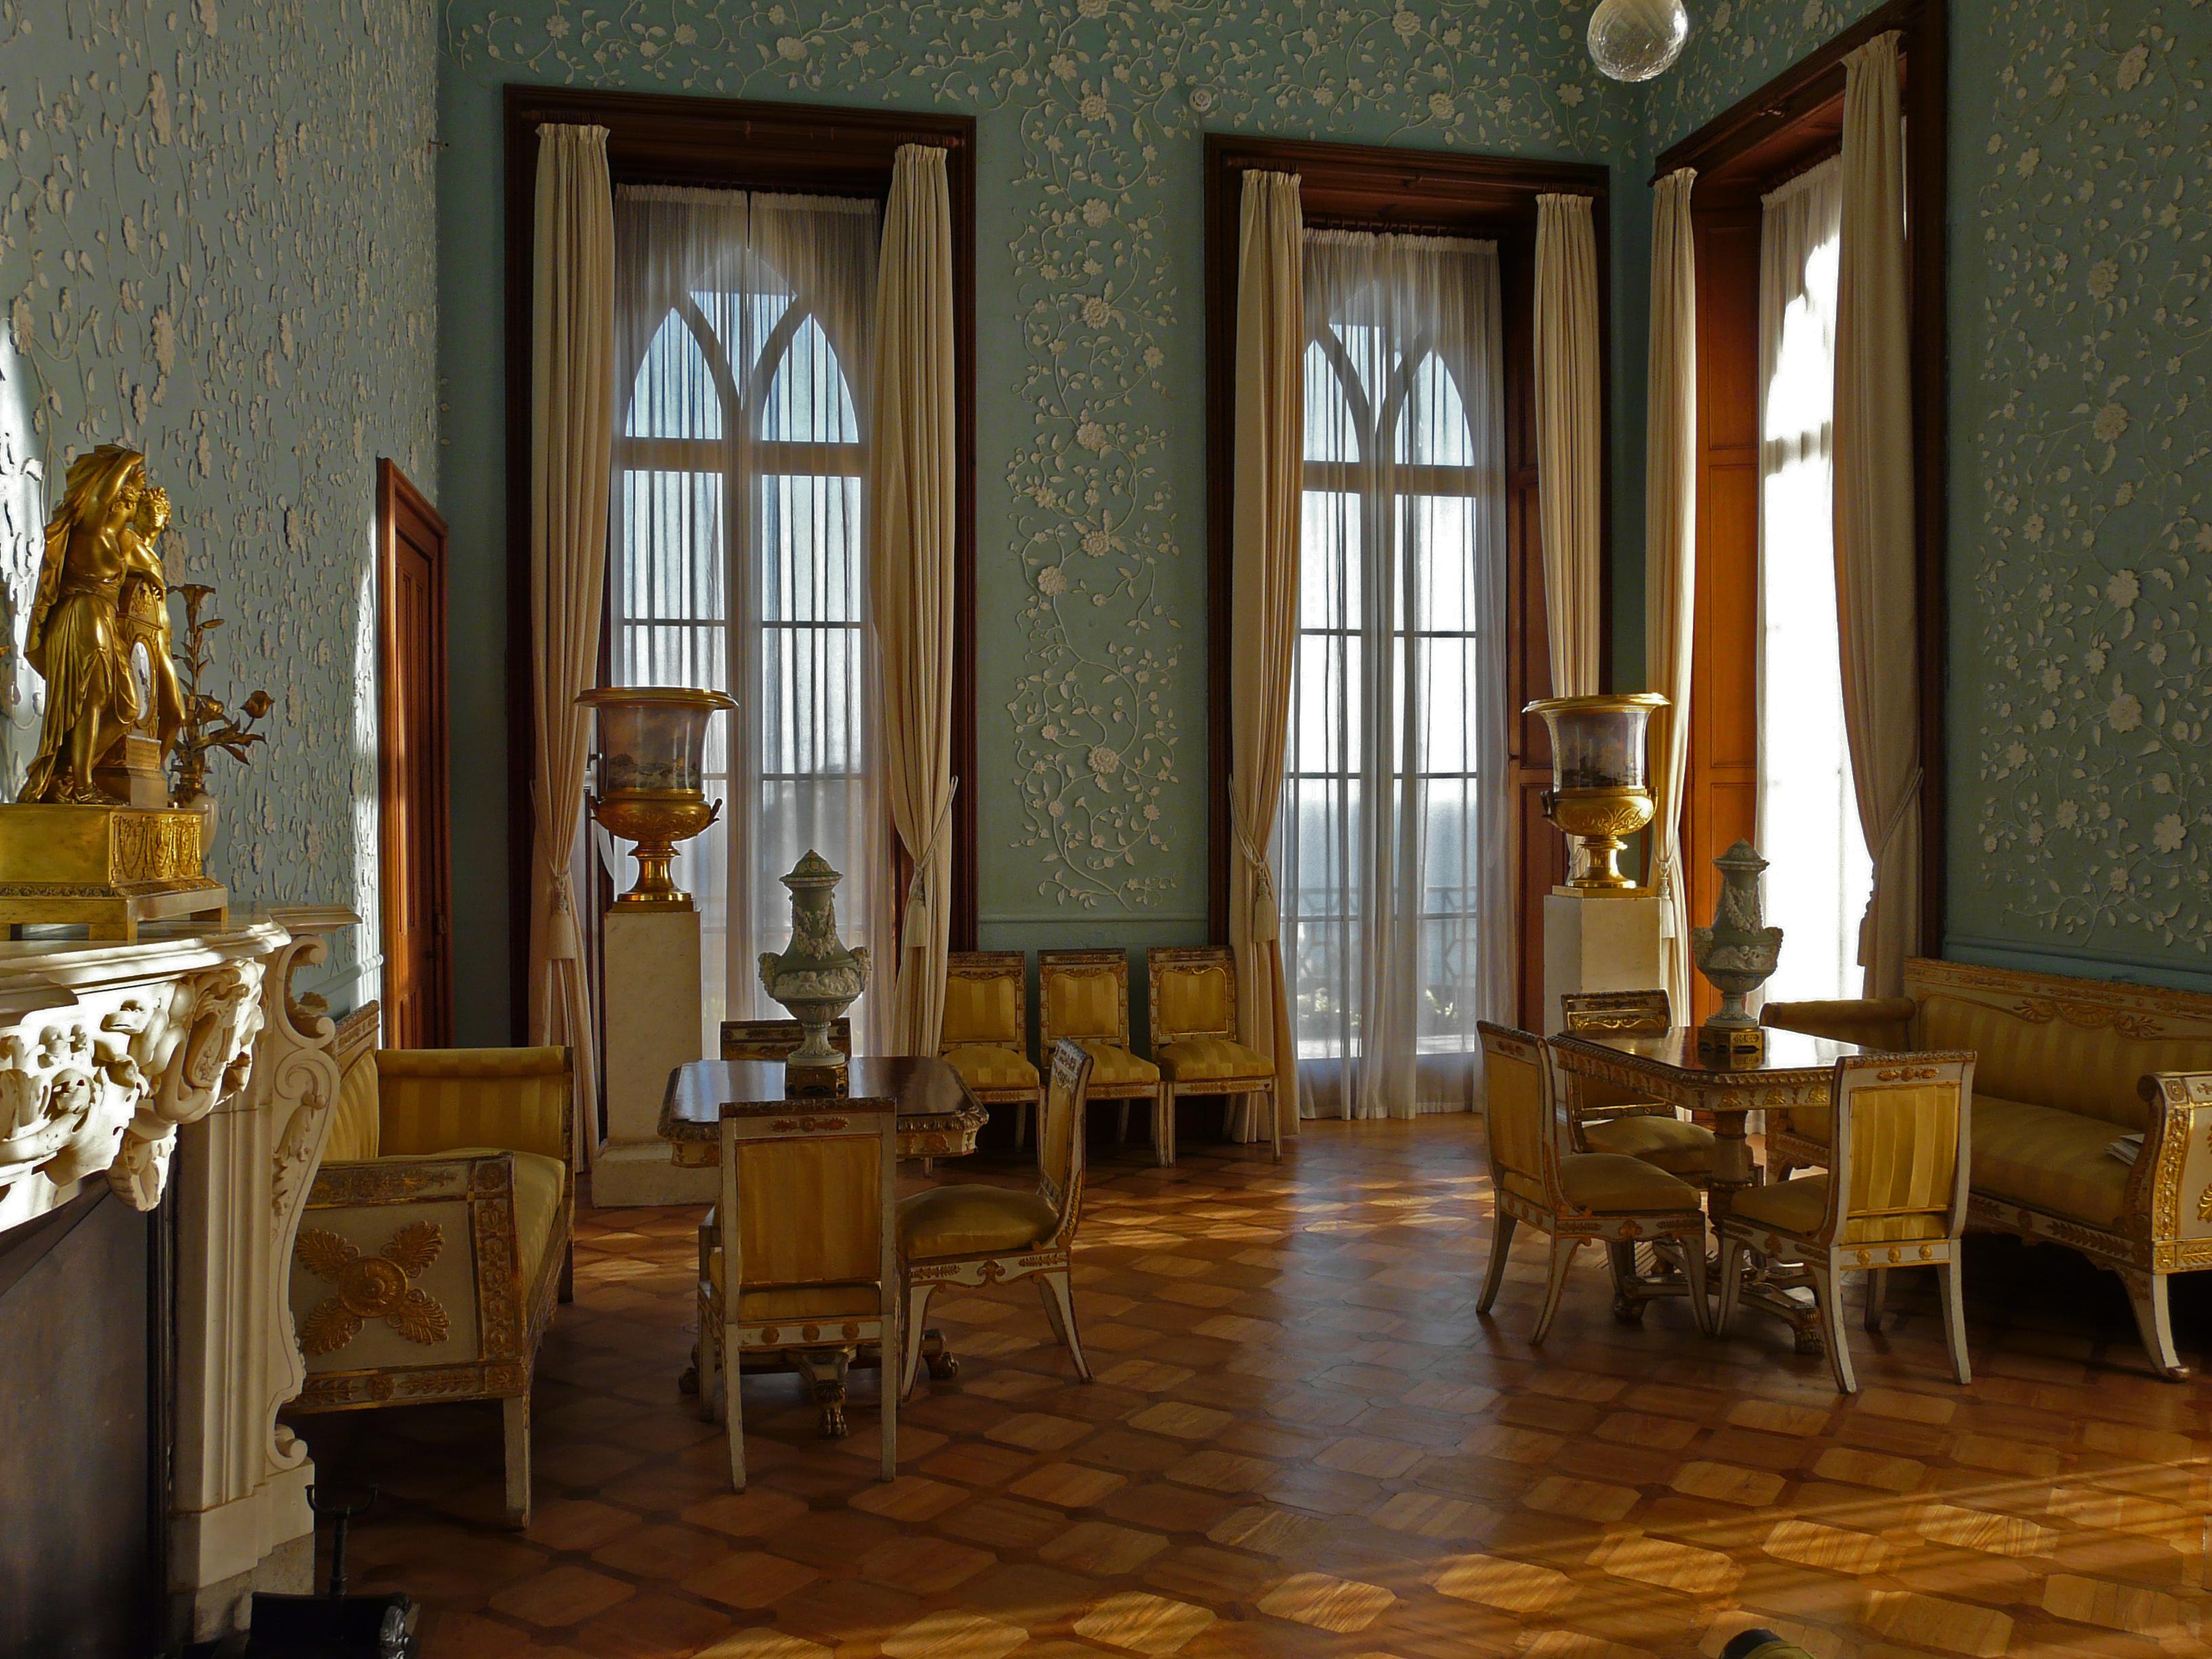 Воронцовский дворец фото внутри 8